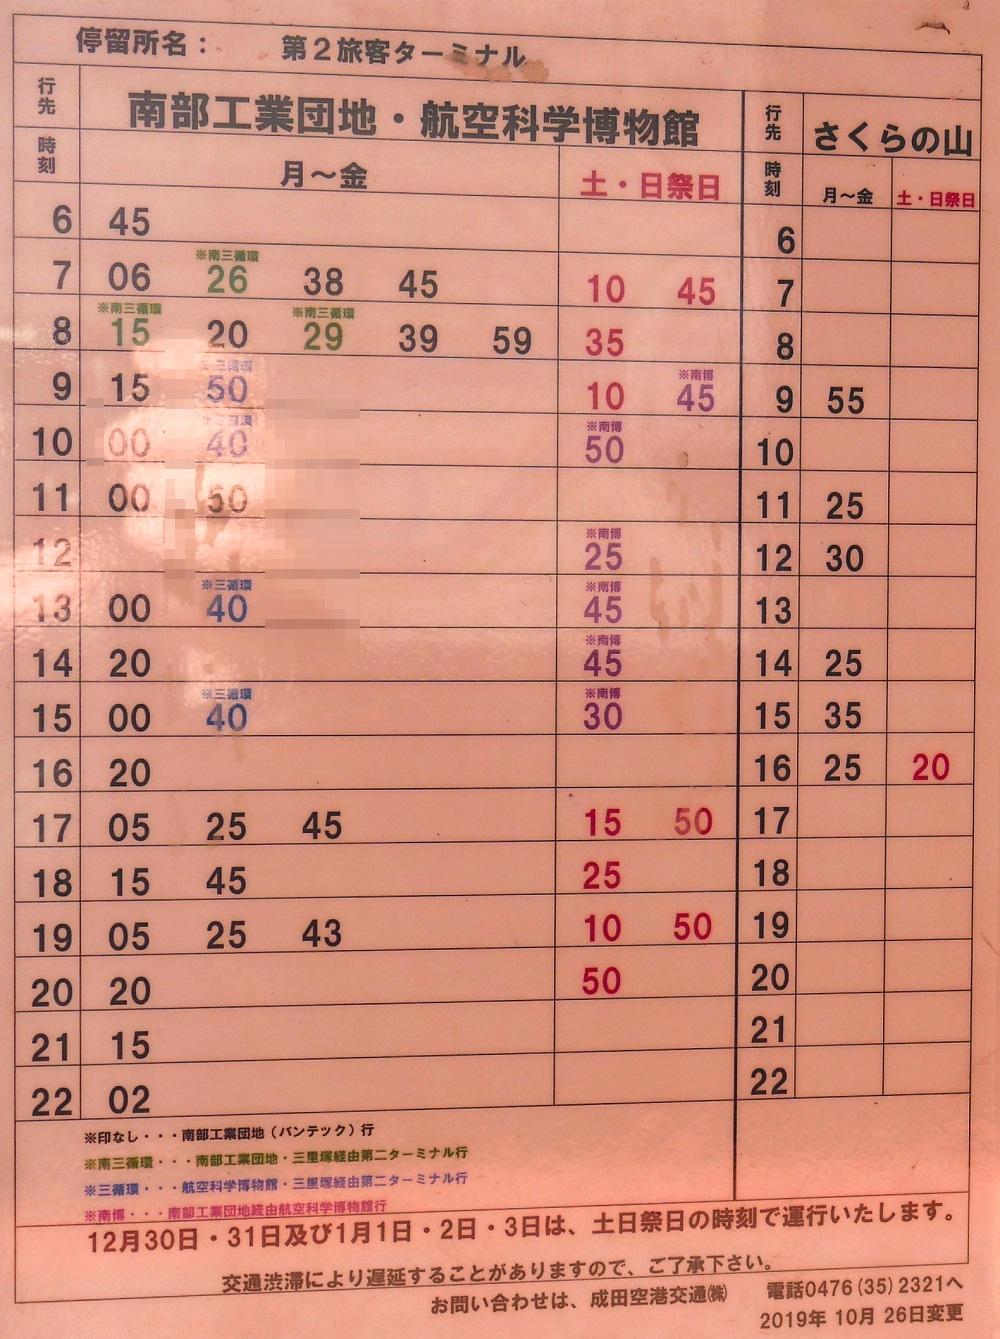 第2ターミナル【28番-A】停留所の時刻表